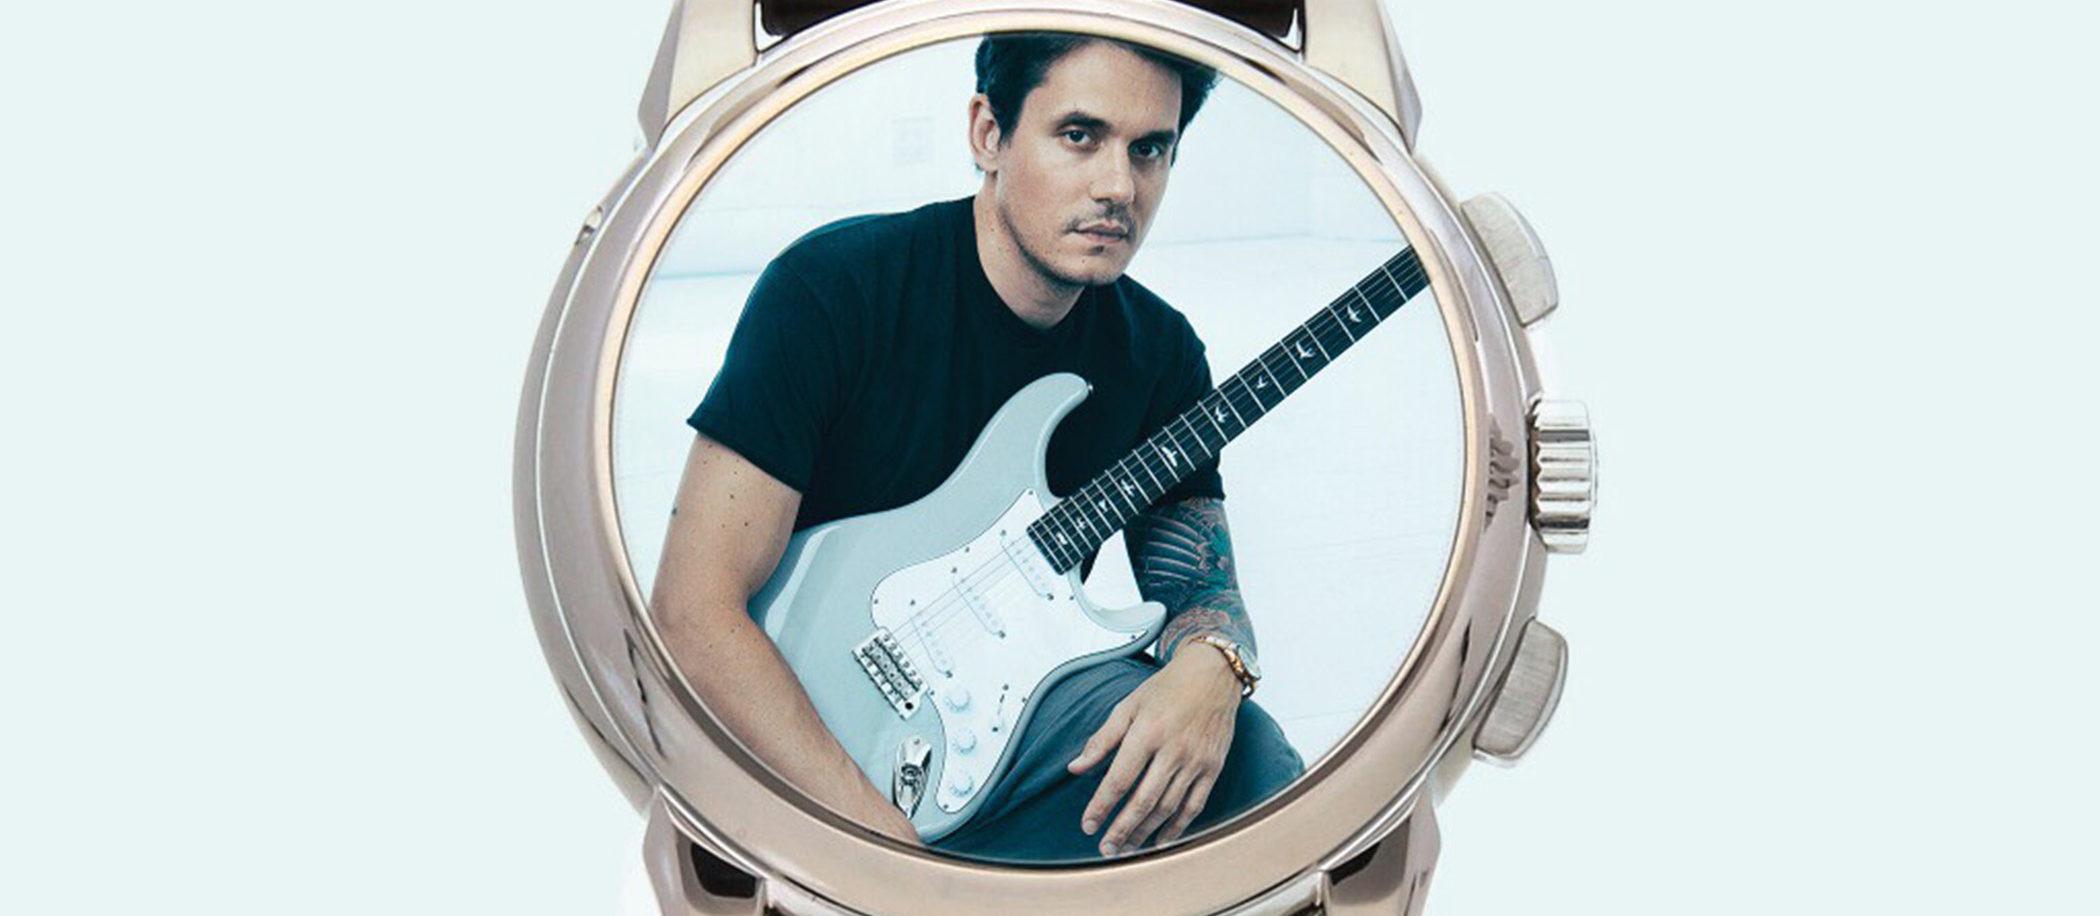 Timebloid: John Mayer / foto: watch-memes